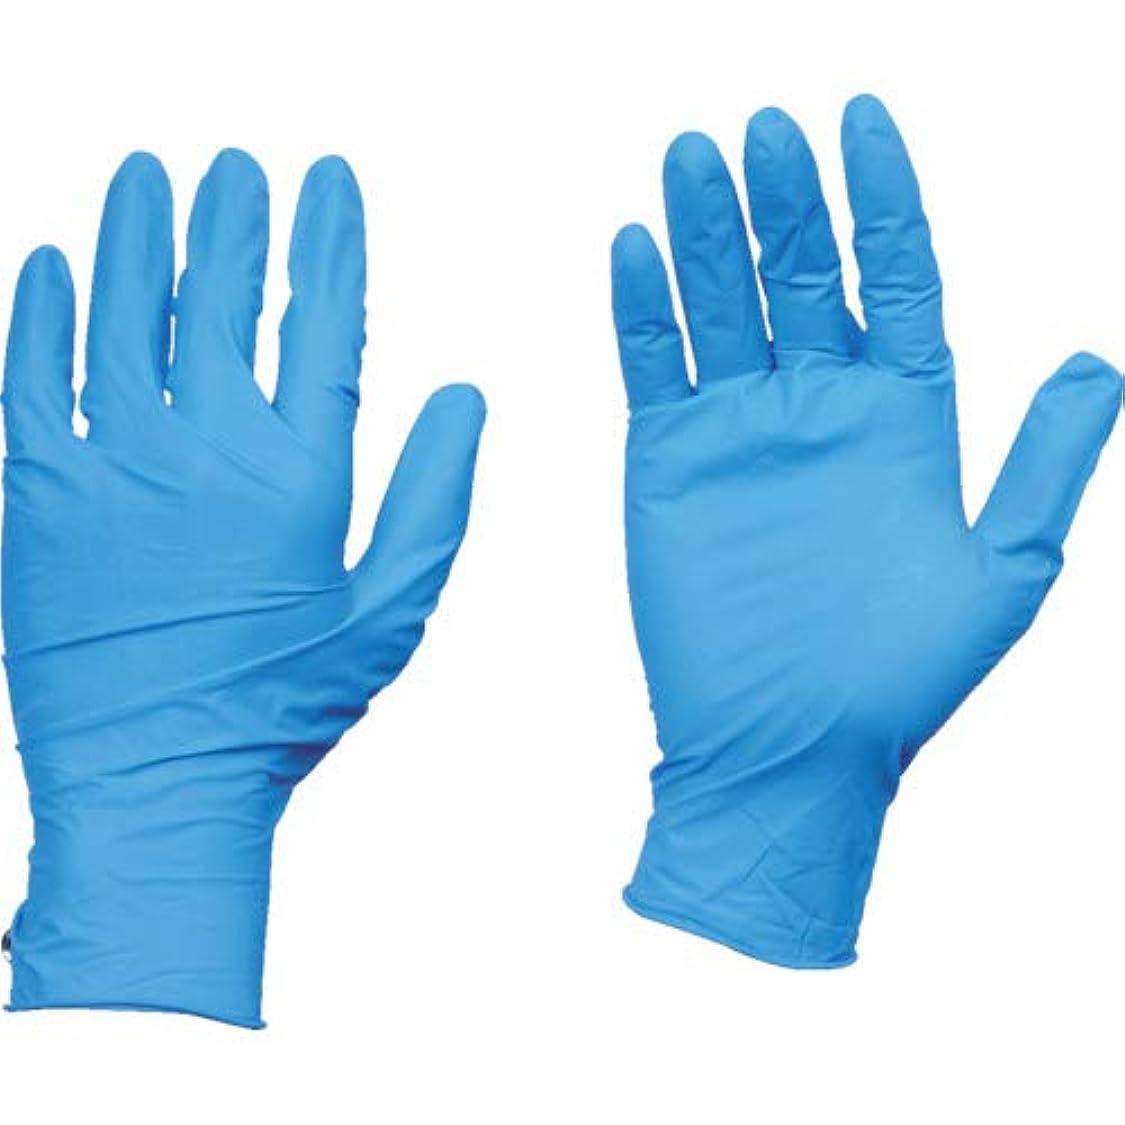 亡命地元ブローホールTRUSCO(トラスコ) 10箱入り 使い捨て天然ゴム手袋TGワーク 0.10 粉付青L TGPL10BL10C